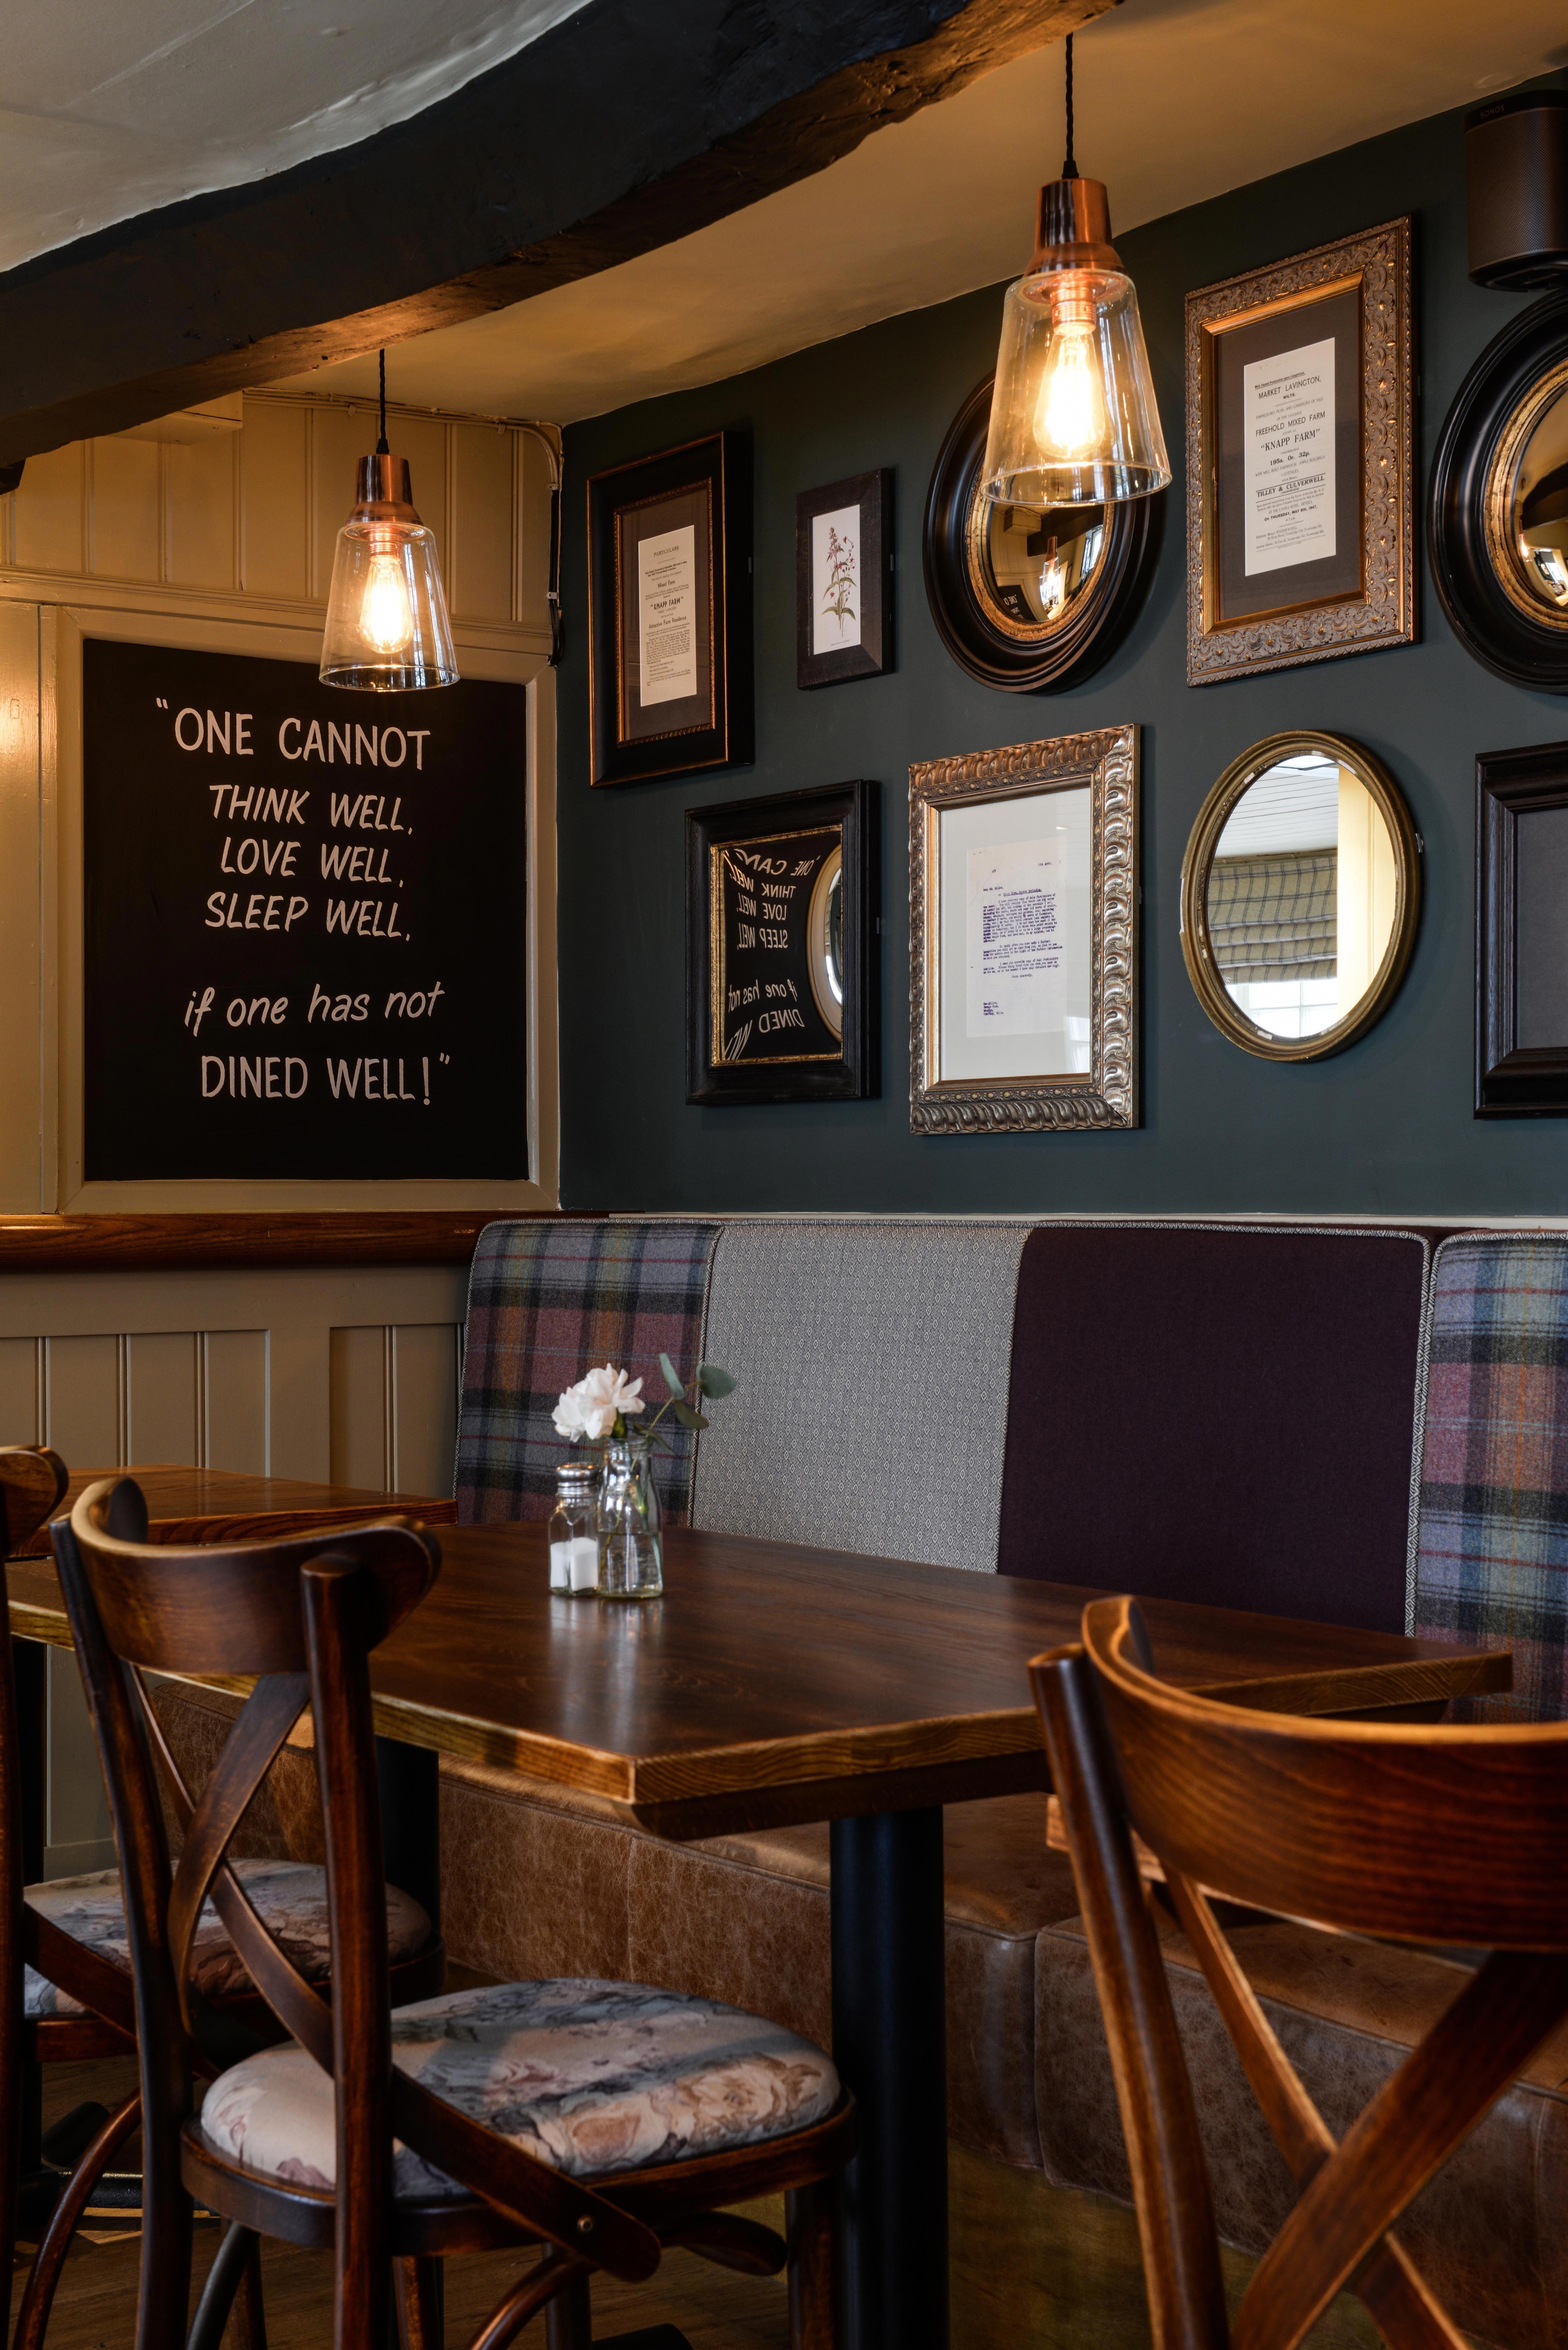 Pin By Zaccheus Sabai On Good News Cafe Inspiration Pub Interior Restaurant Interior Pub Interior Design